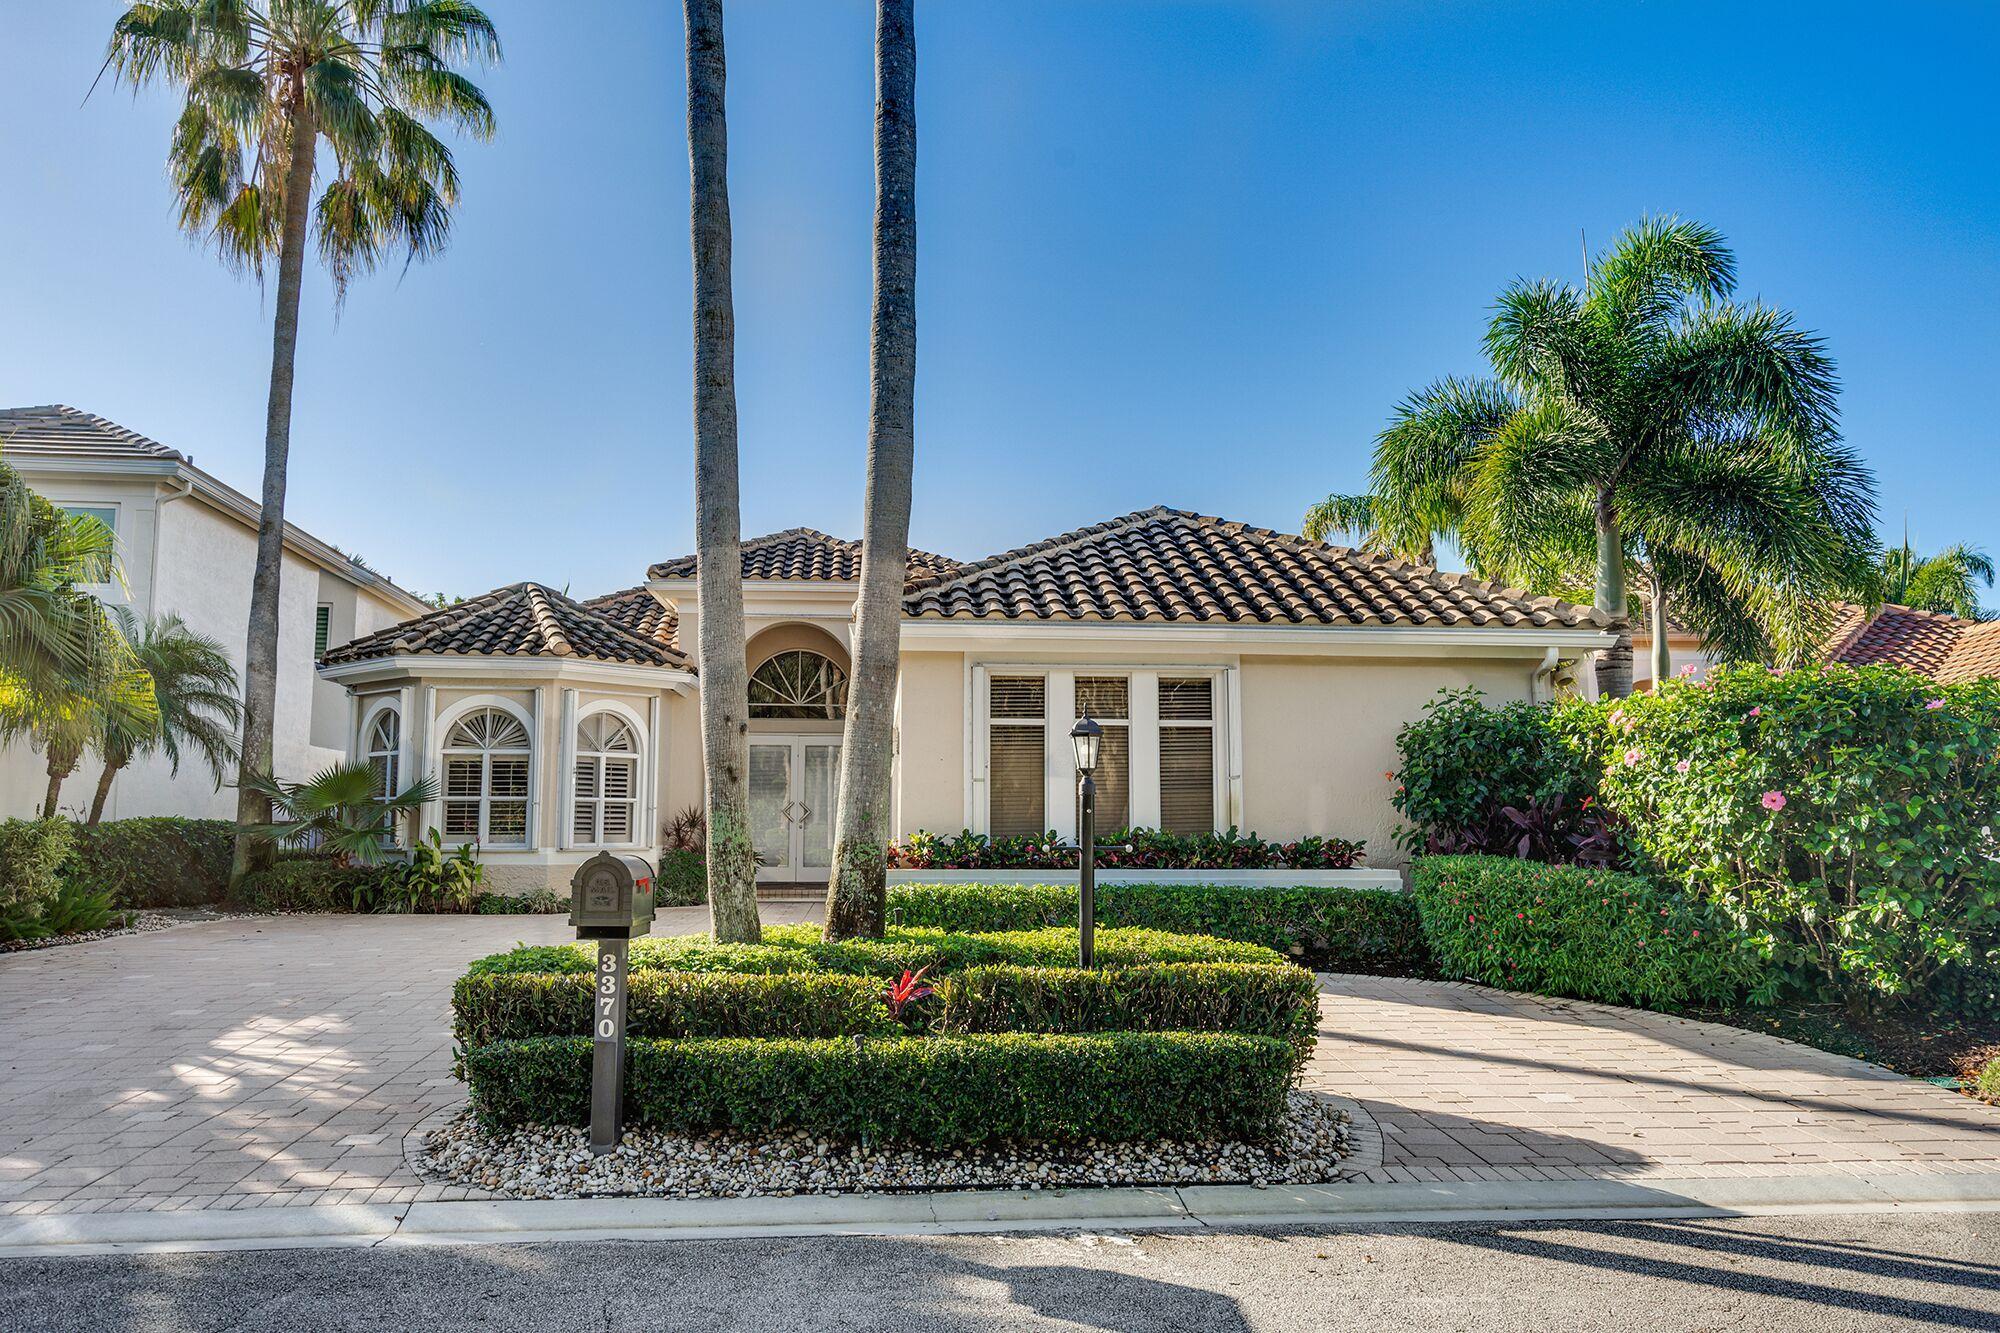 3370 Degas Drive, Palm Beach Gardens, Florida 33410, 3 Bedrooms Bedrooms, ,3.1 BathroomsBathrooms,A,Single family,Degas,RX-10596535